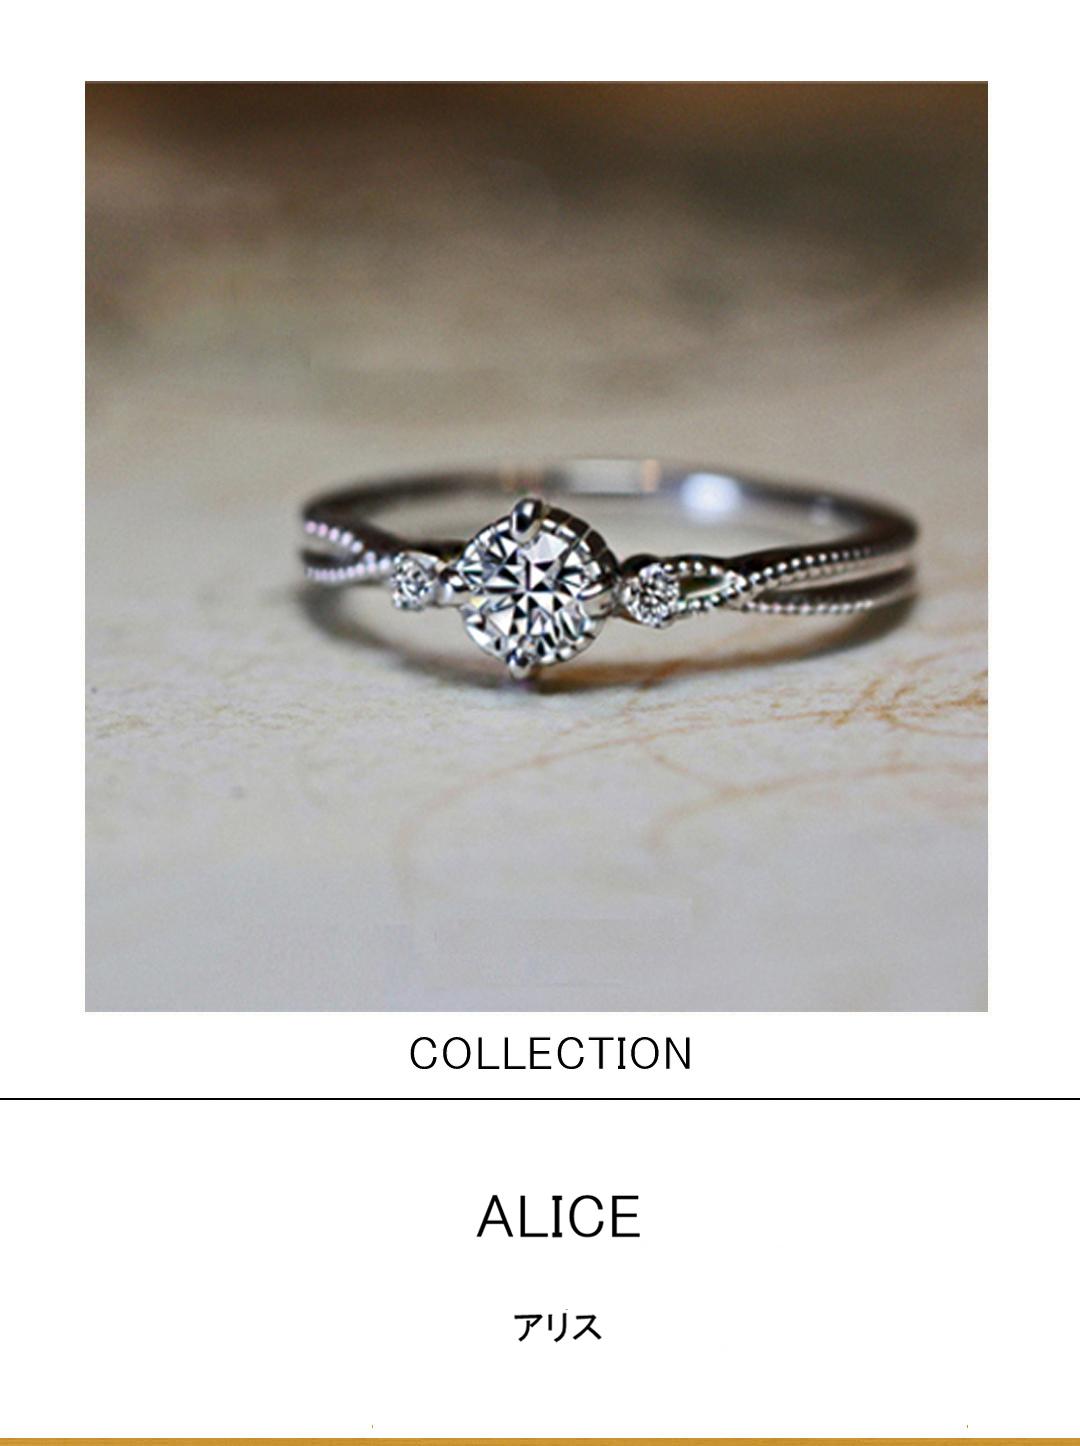 不思議の国のアリスをモチーフにしたプラチナの婚約指輪コレクションのサムネイル